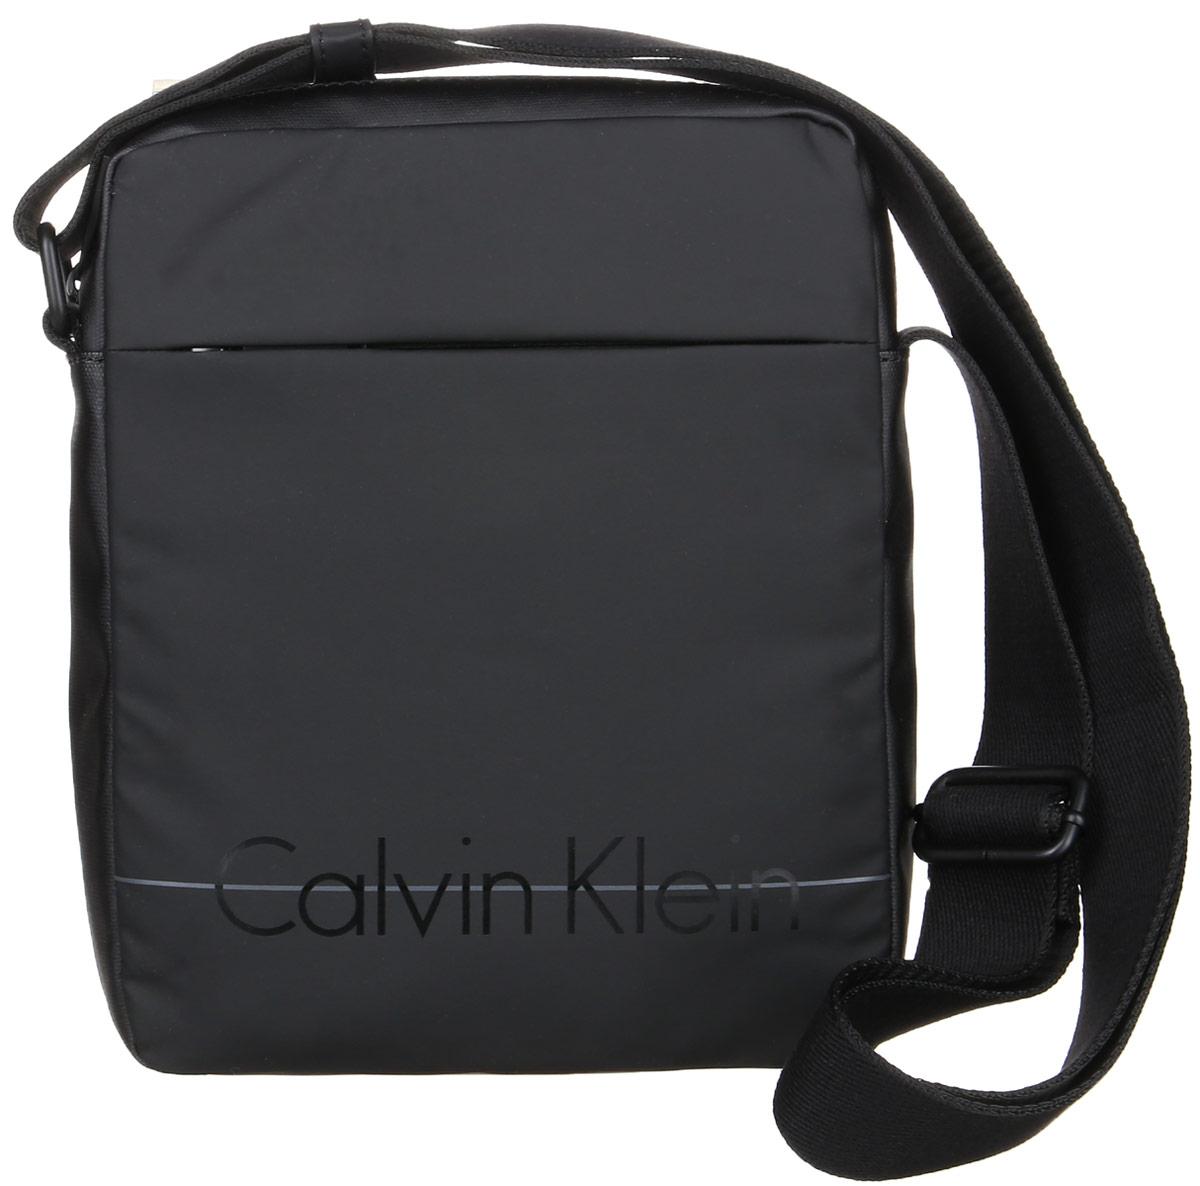 Сумка мужская Calvin Klein Jeans, цвет: черный. K50K502072_001BA7426Стильная сумка Calvin Klein Jeans выполнена из полиуретана с добавлением поливинилхлорида и хлопка. Изделие содержит одно большое отделение, которое закрывается на застежку-молнию. Внутри сумки размещен один накладной открытый карман. Спереди изделие дополнено скрытым карманом на молнии. Сумка оснащена плечевым ремнем регулируемой длины. Оформлена модель надписью с названием бренда. В комплекте с изделием поставляется чехол для хранения.